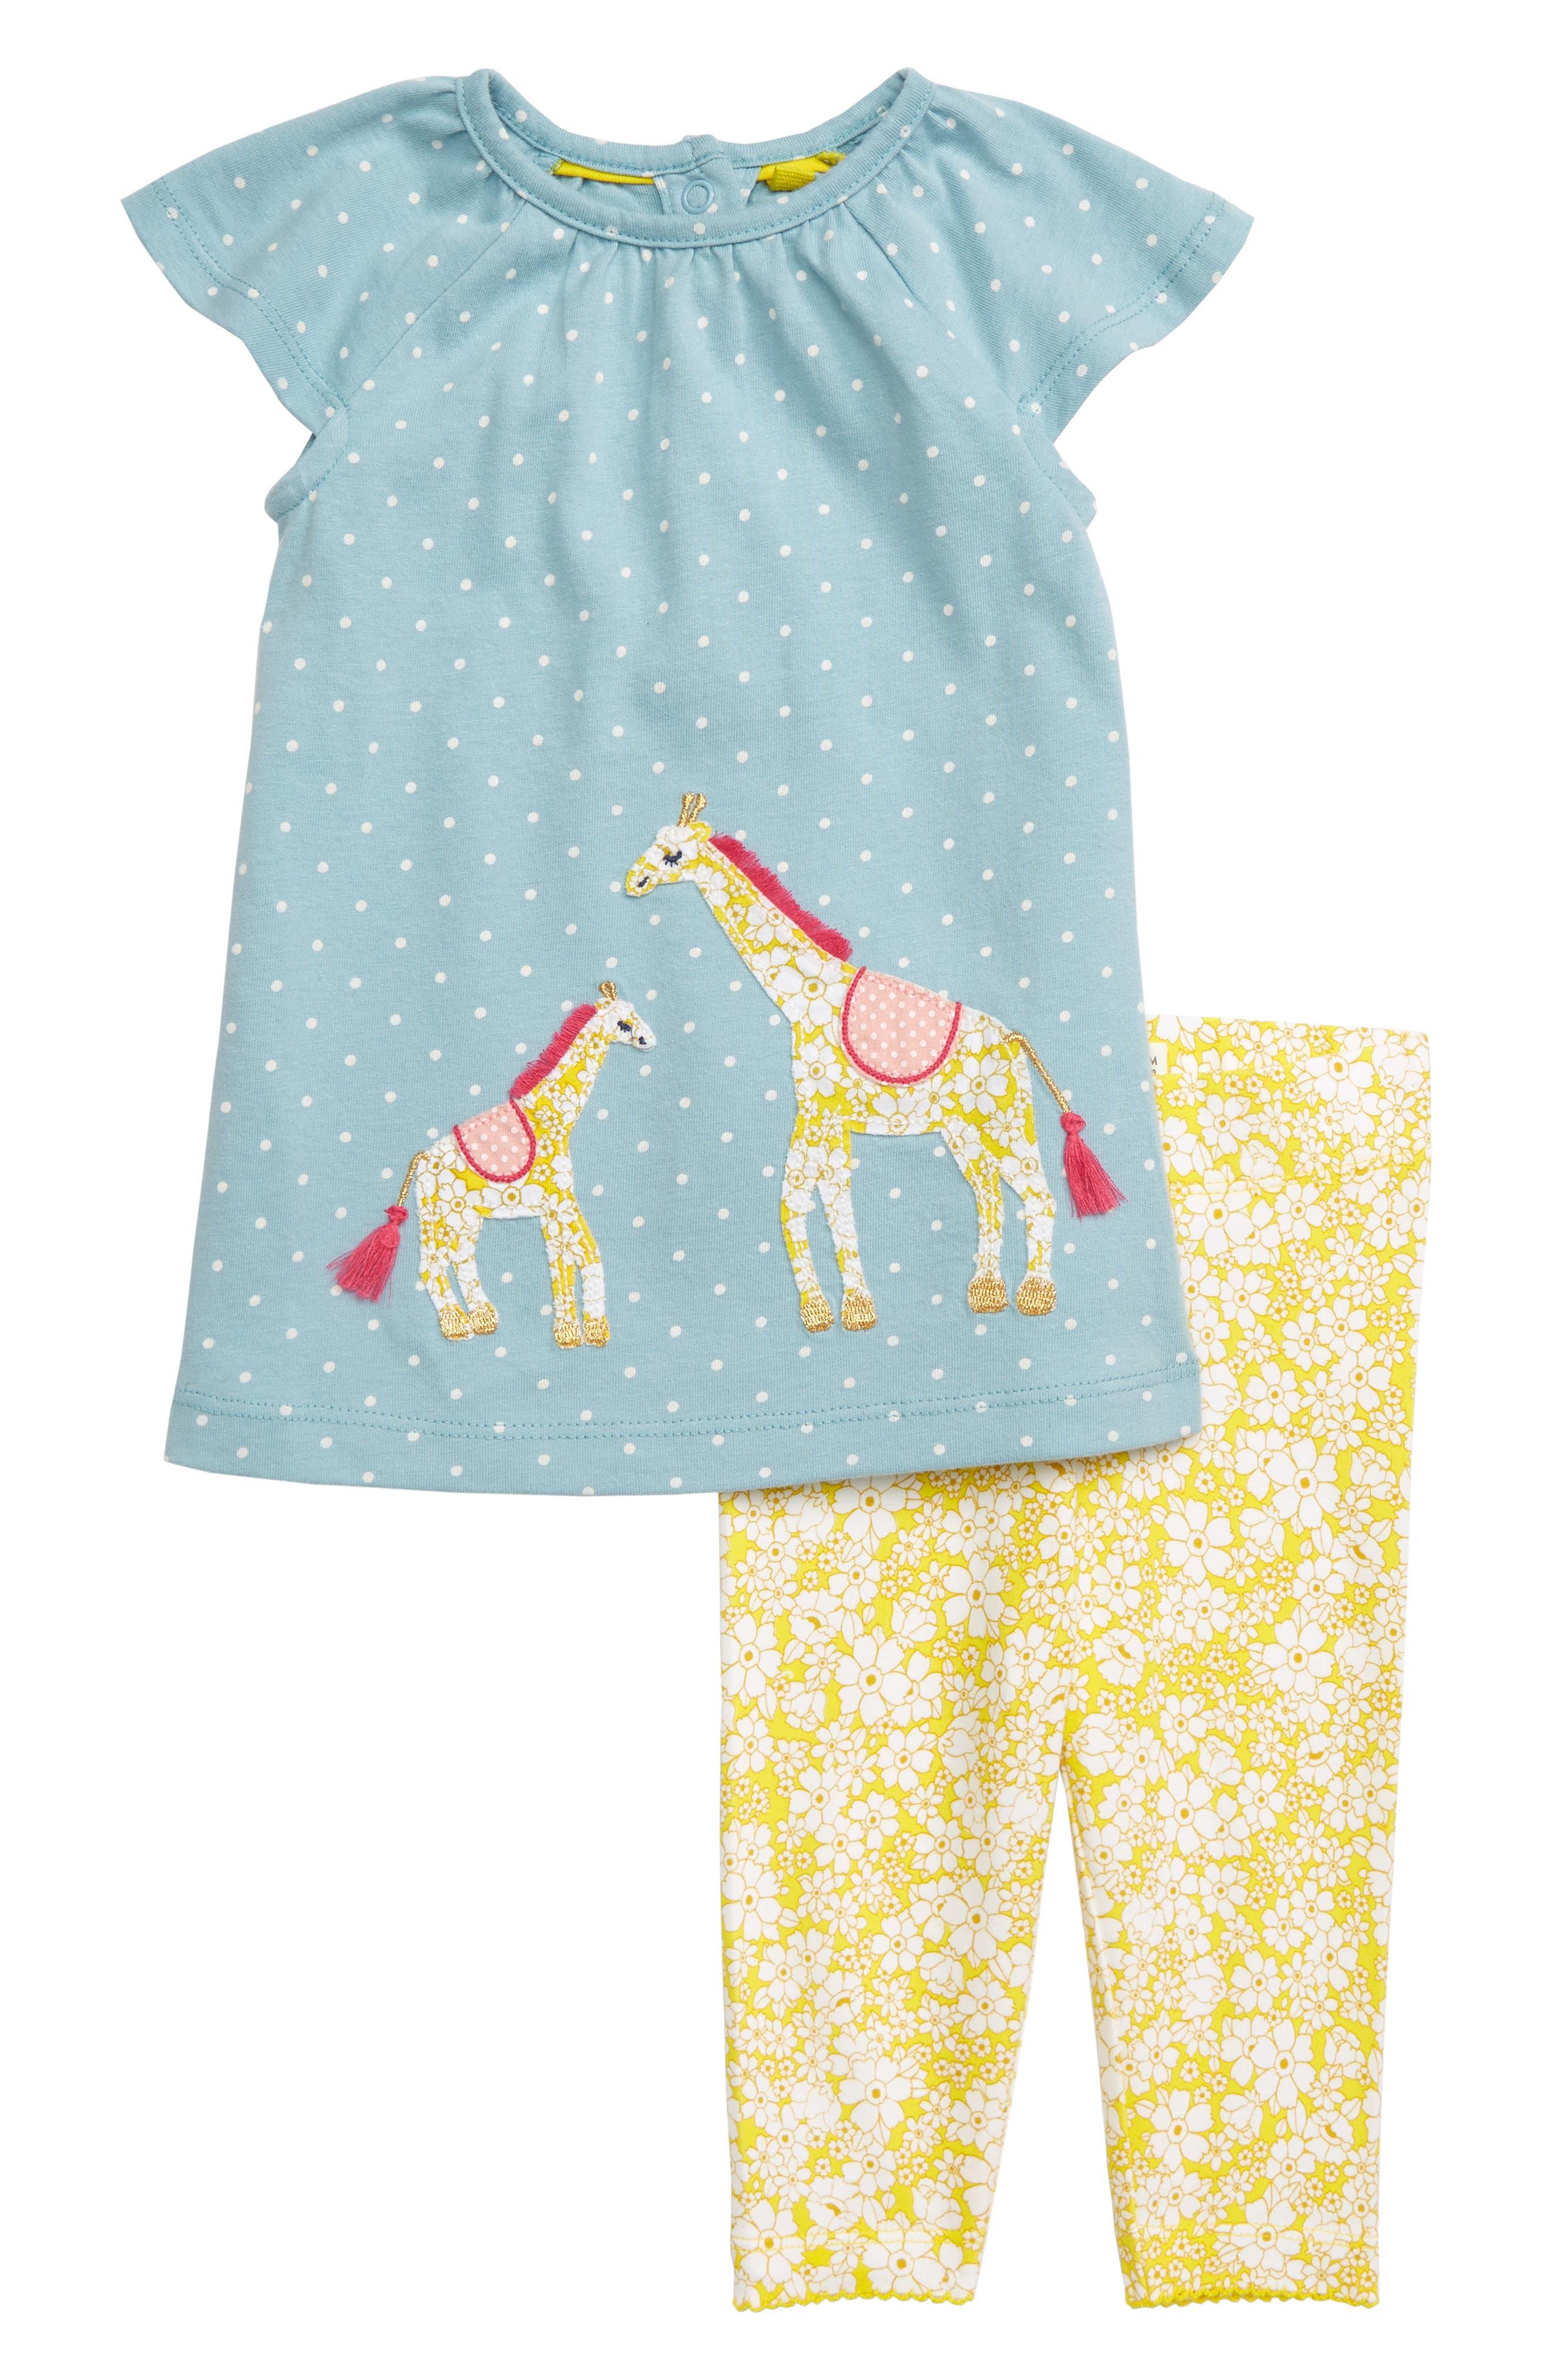 Toddler Girls Mini Boden Giraffe Applique Dress  Leggings Set (Baby  Toddler Girls)